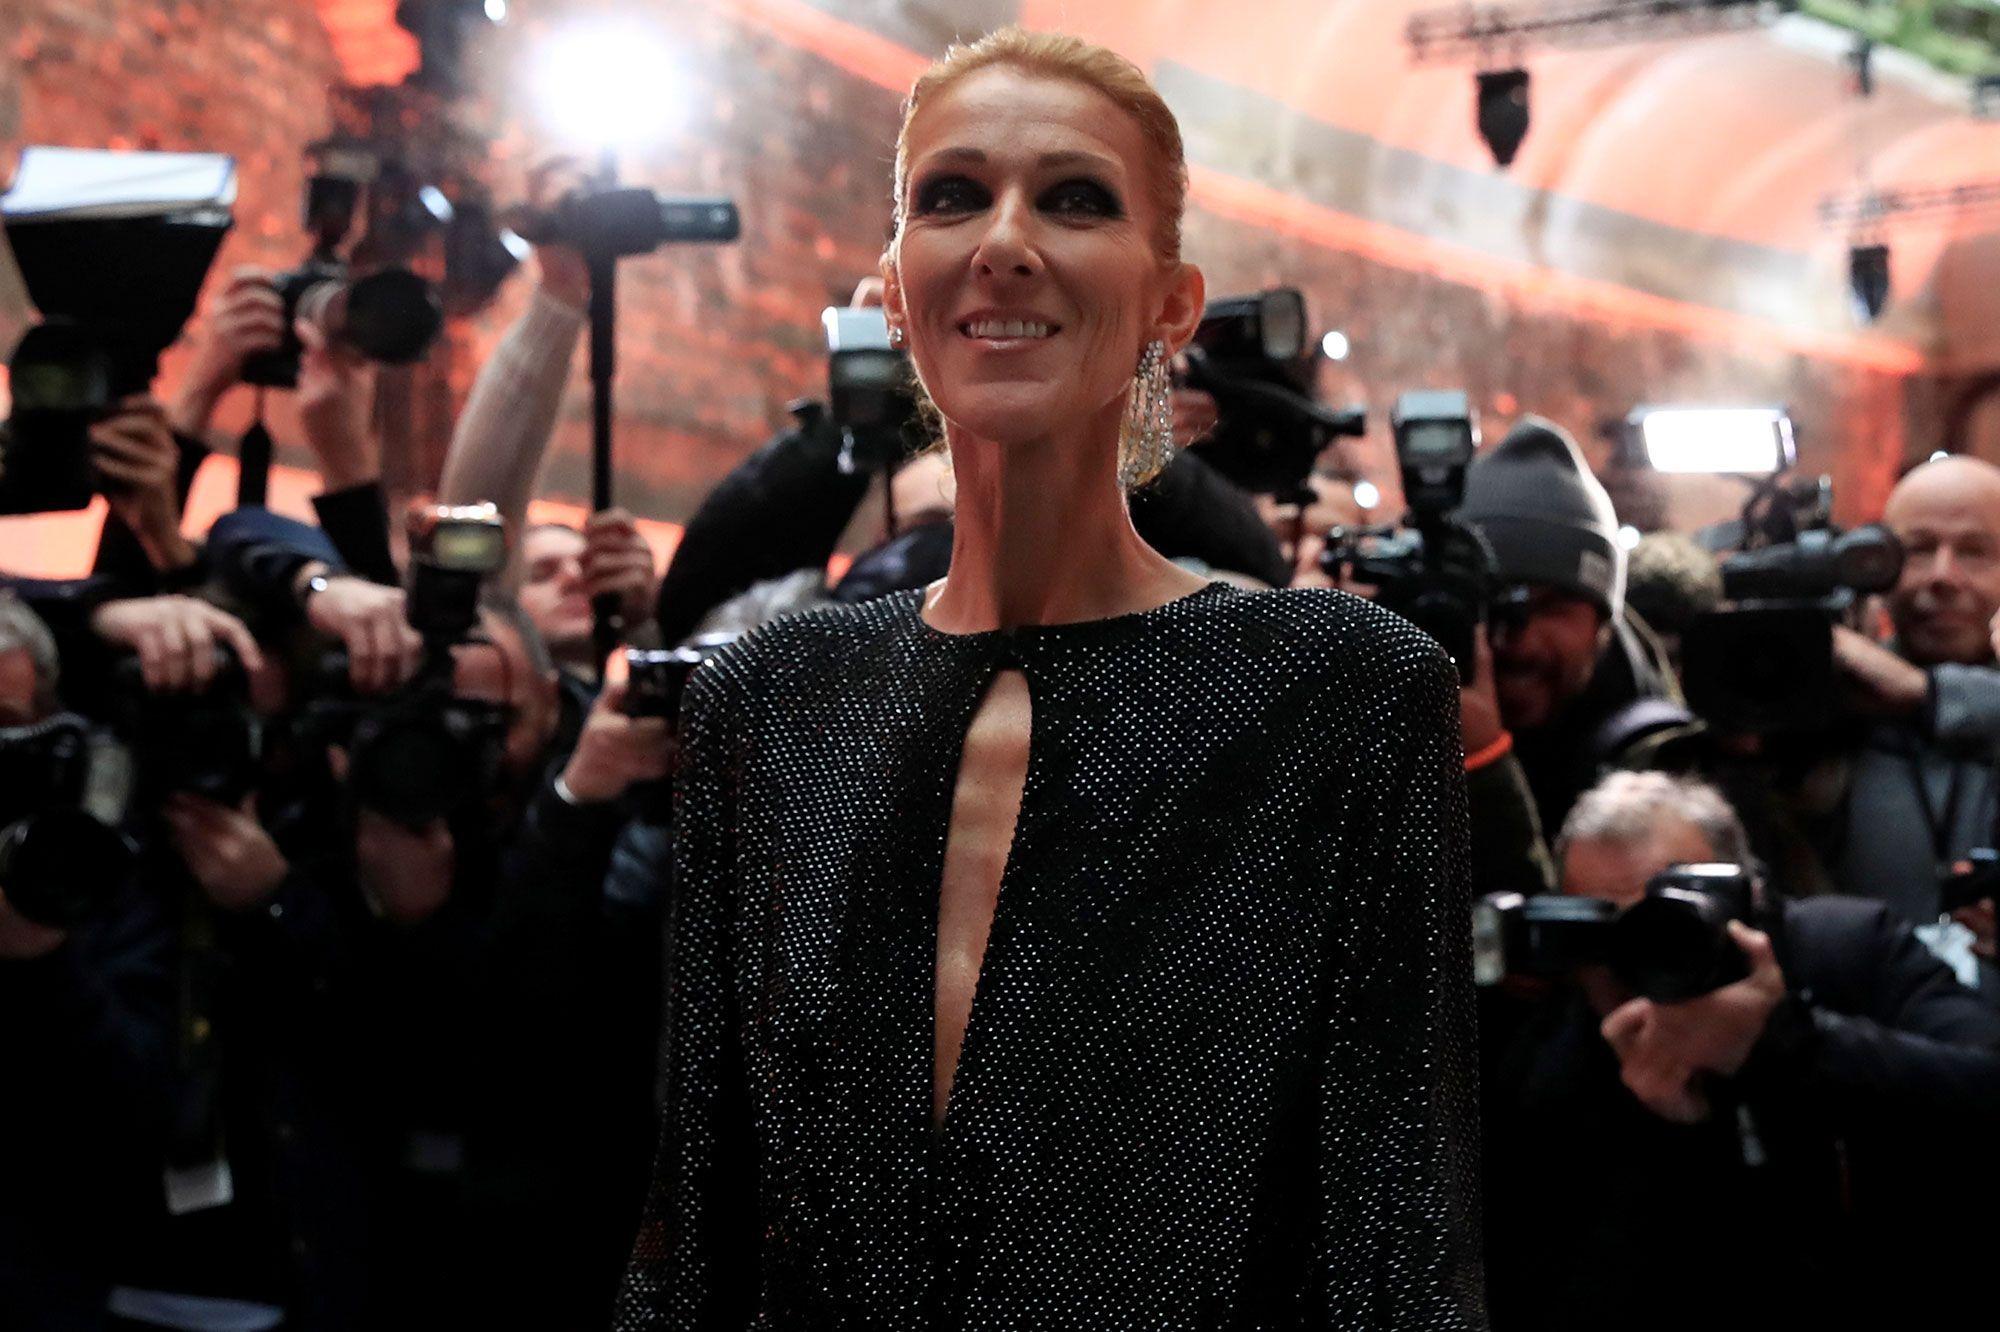 sports shoes autumn shoes on feet at Céline Dion quitte la France dans un total look noir